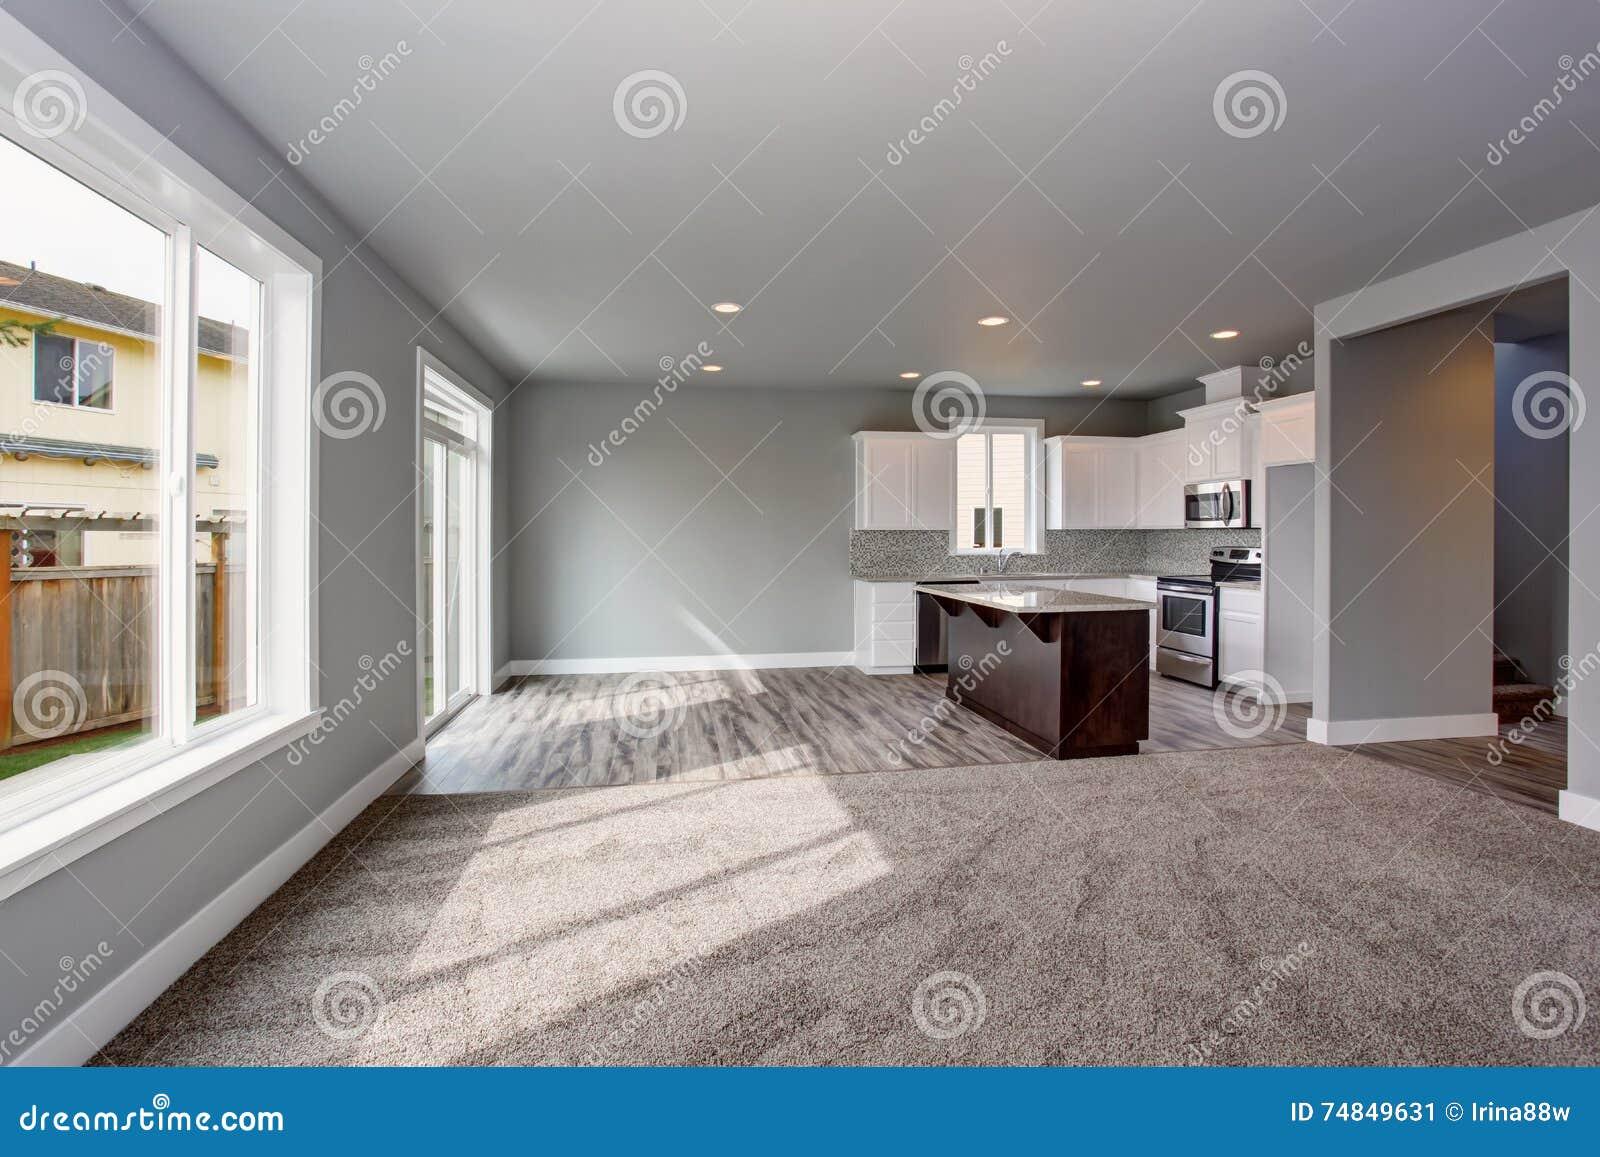 L 39 int rieur gris de maison de la pi ce de cuisine s 39 est reli au salon image stock image du for Interieur maison gris